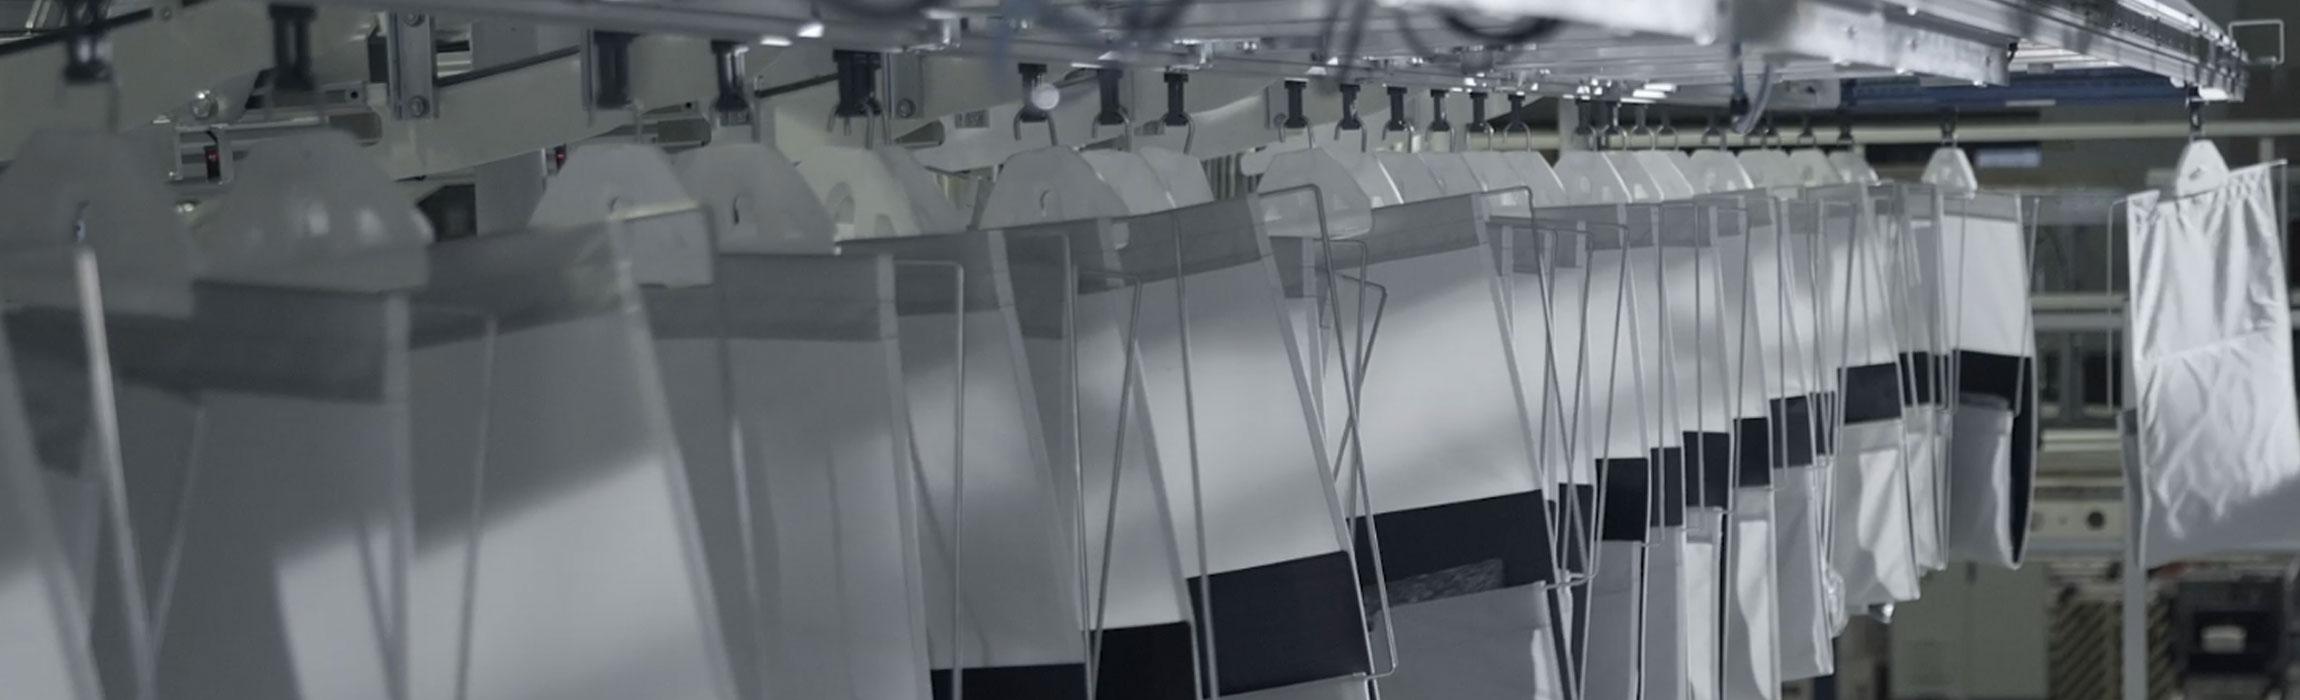 Technologien - Wir optimieren Ihre Intralogistik-Prozesse.